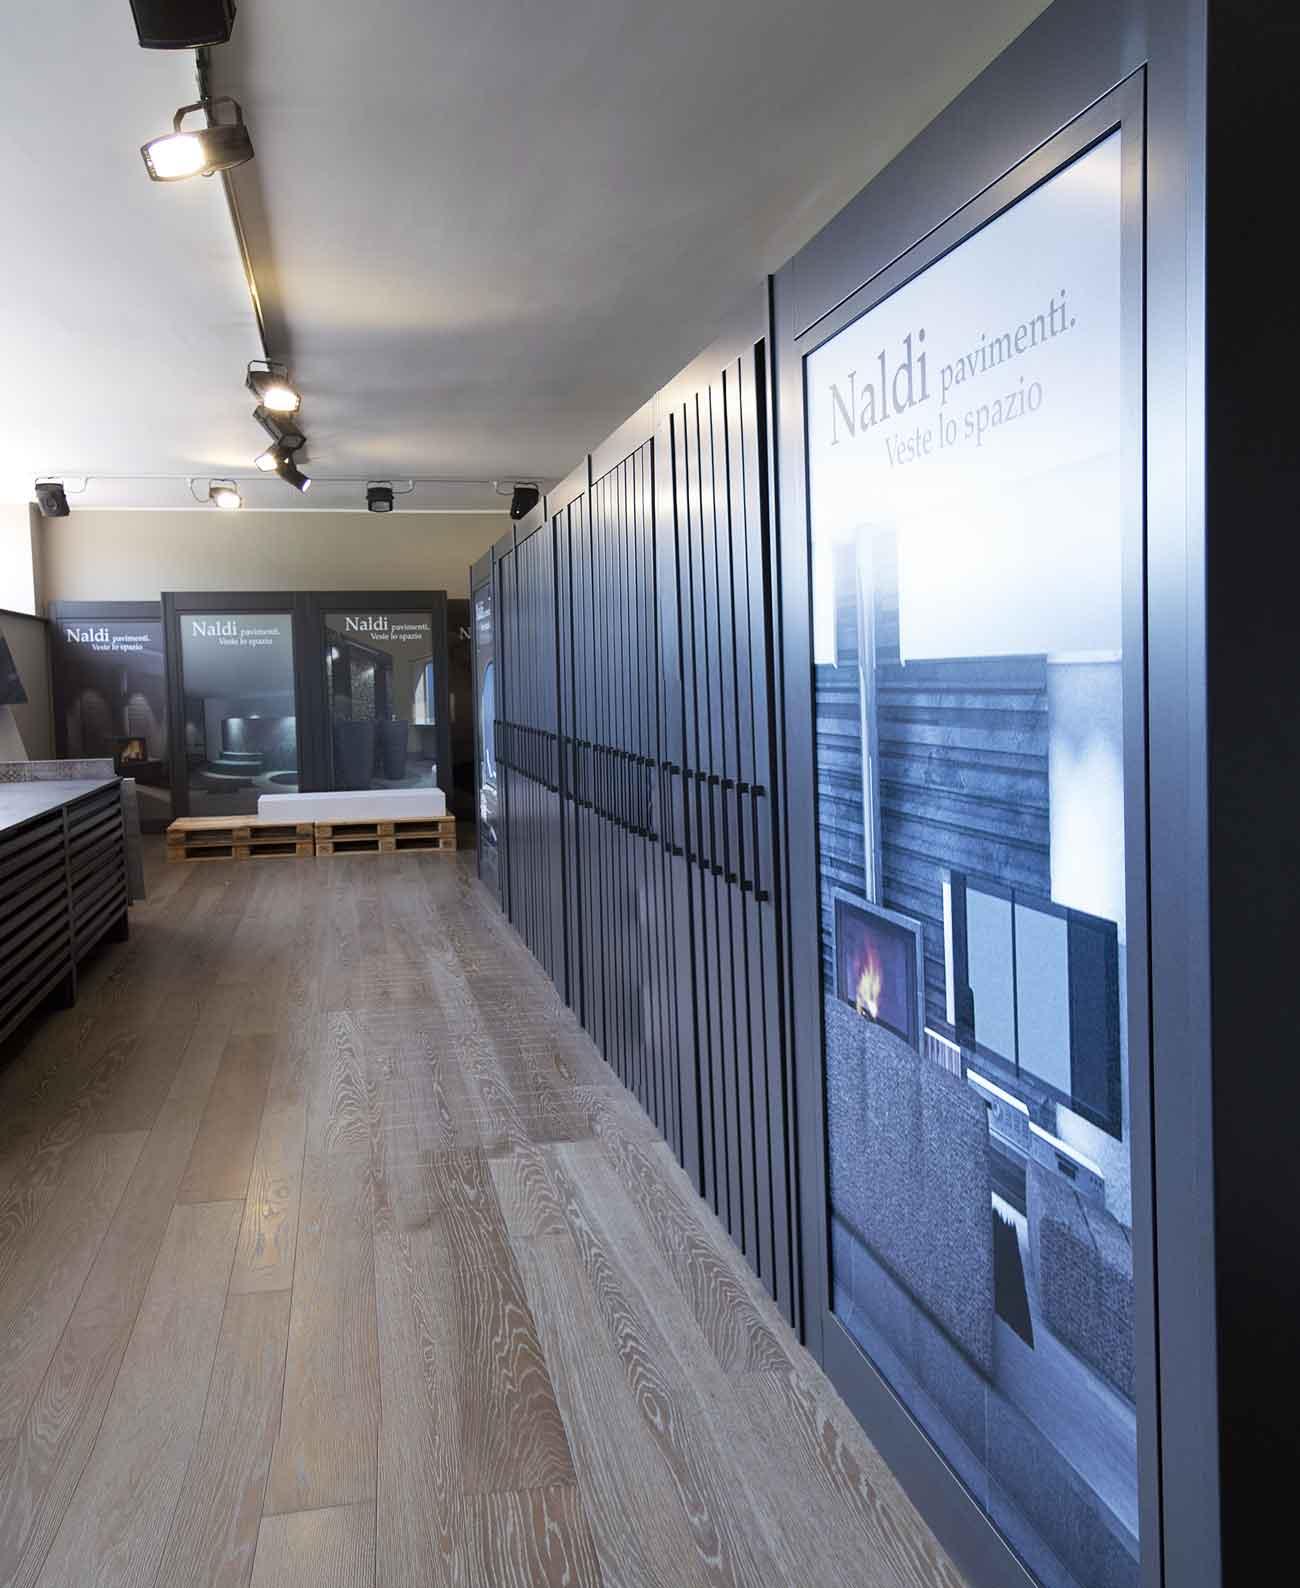 Naldi pavimenti, Showroom, Veste il tuo spazio